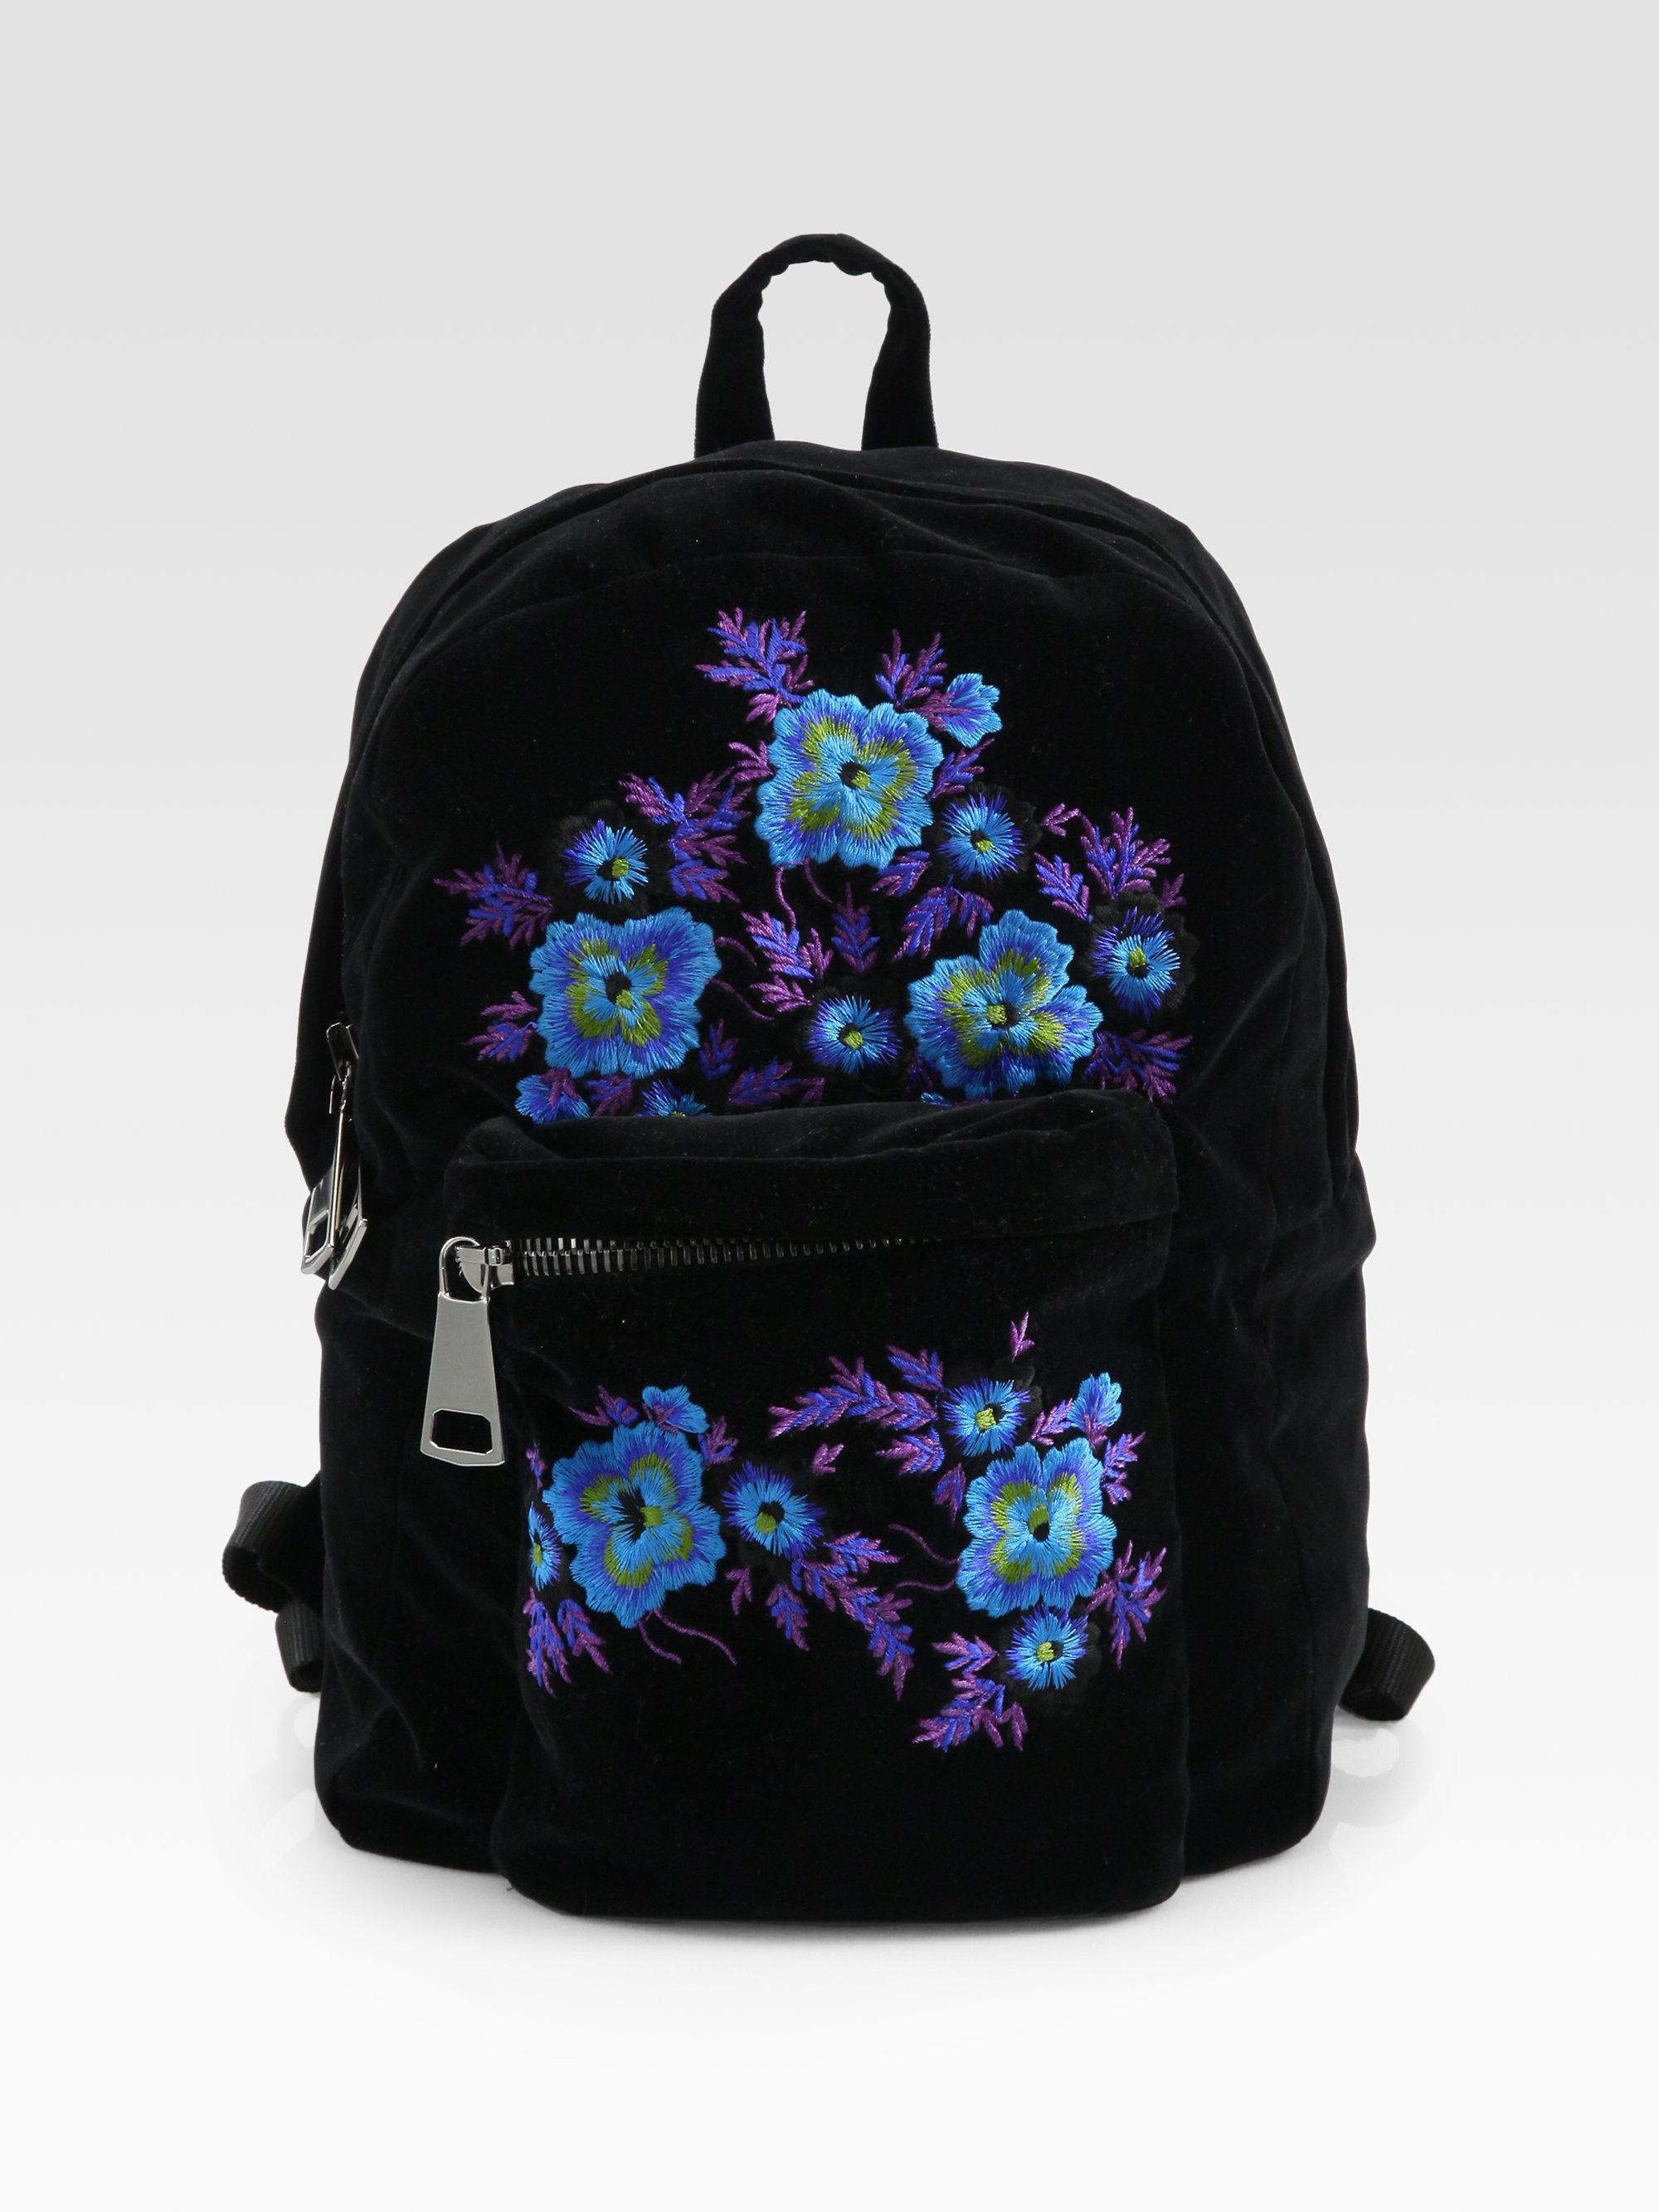 Gucci Backpack; Gucci Backpack